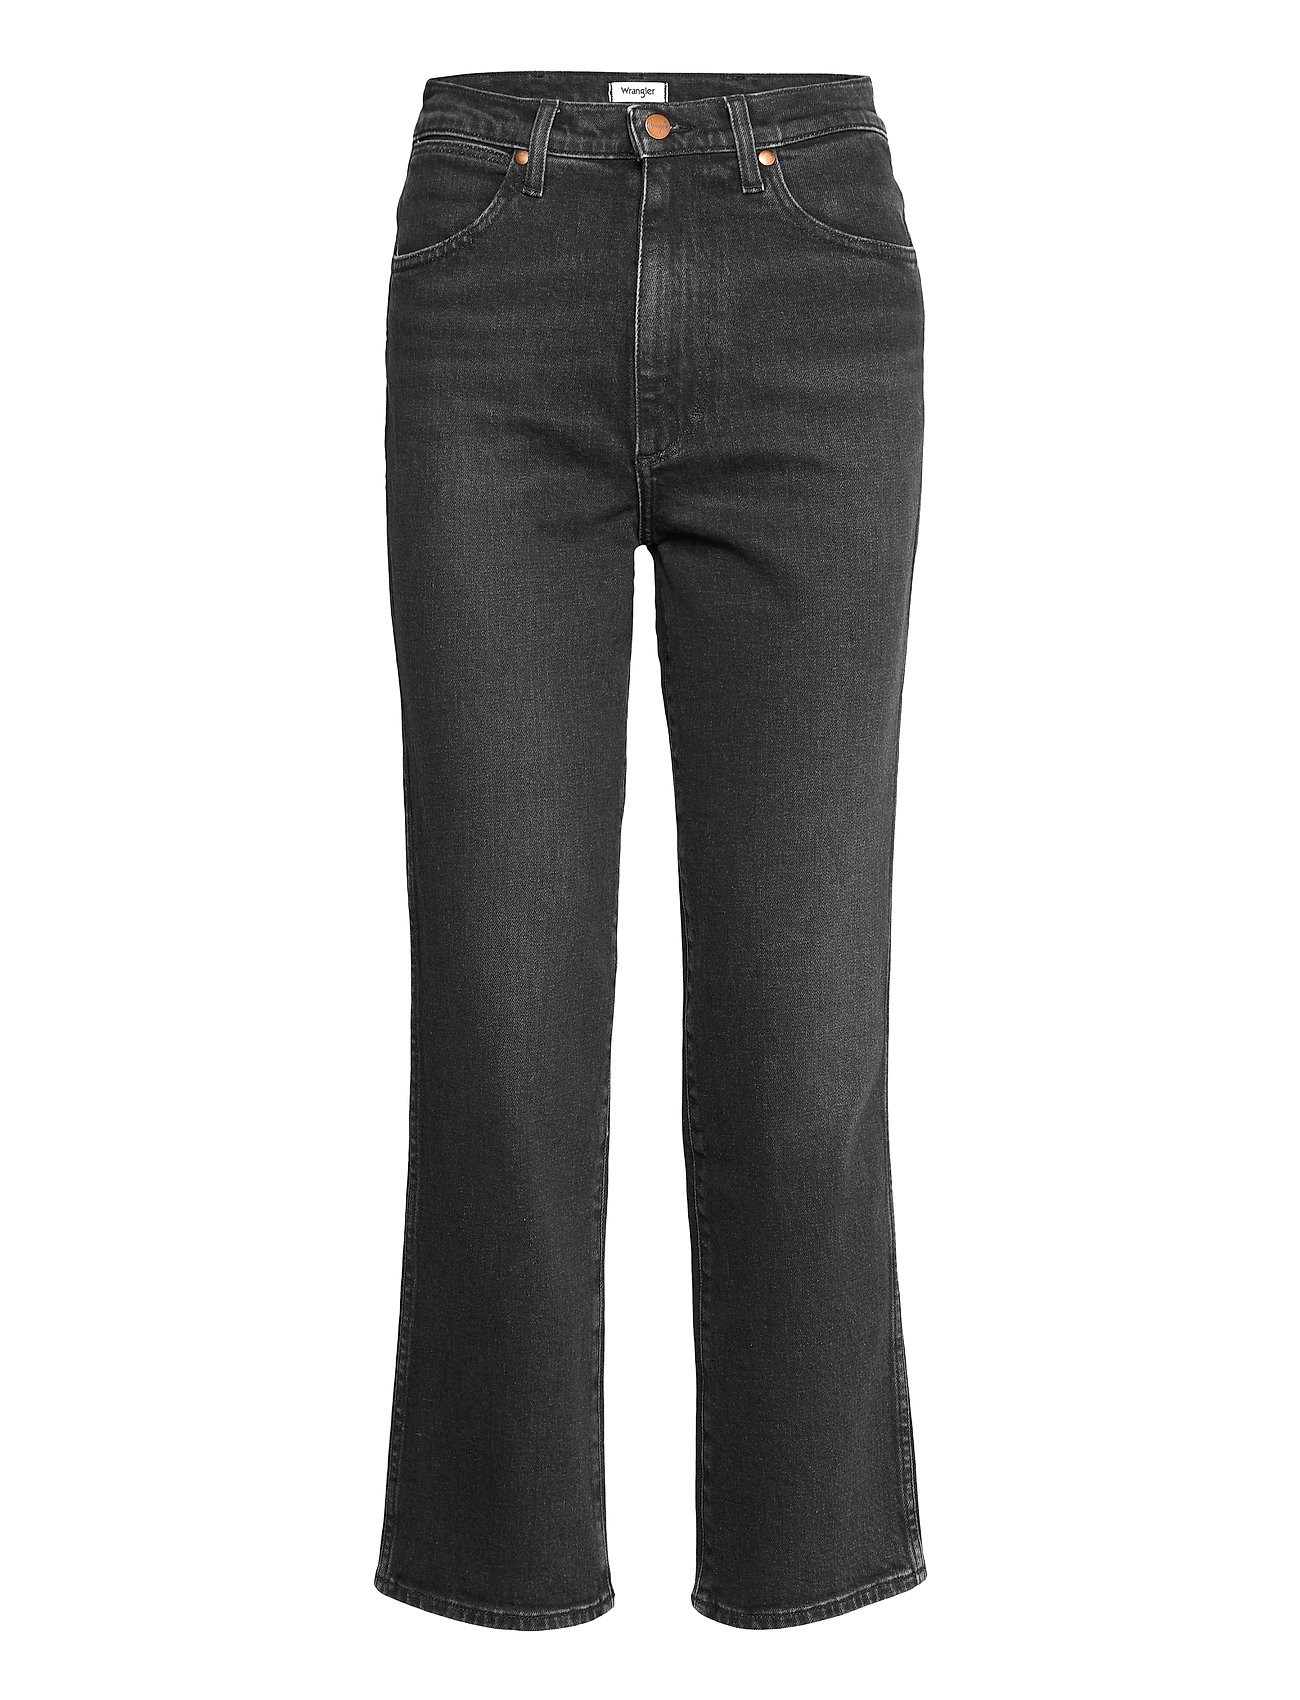 Image of Wild West Lige Jeans Sort Wrangler (3500181185)